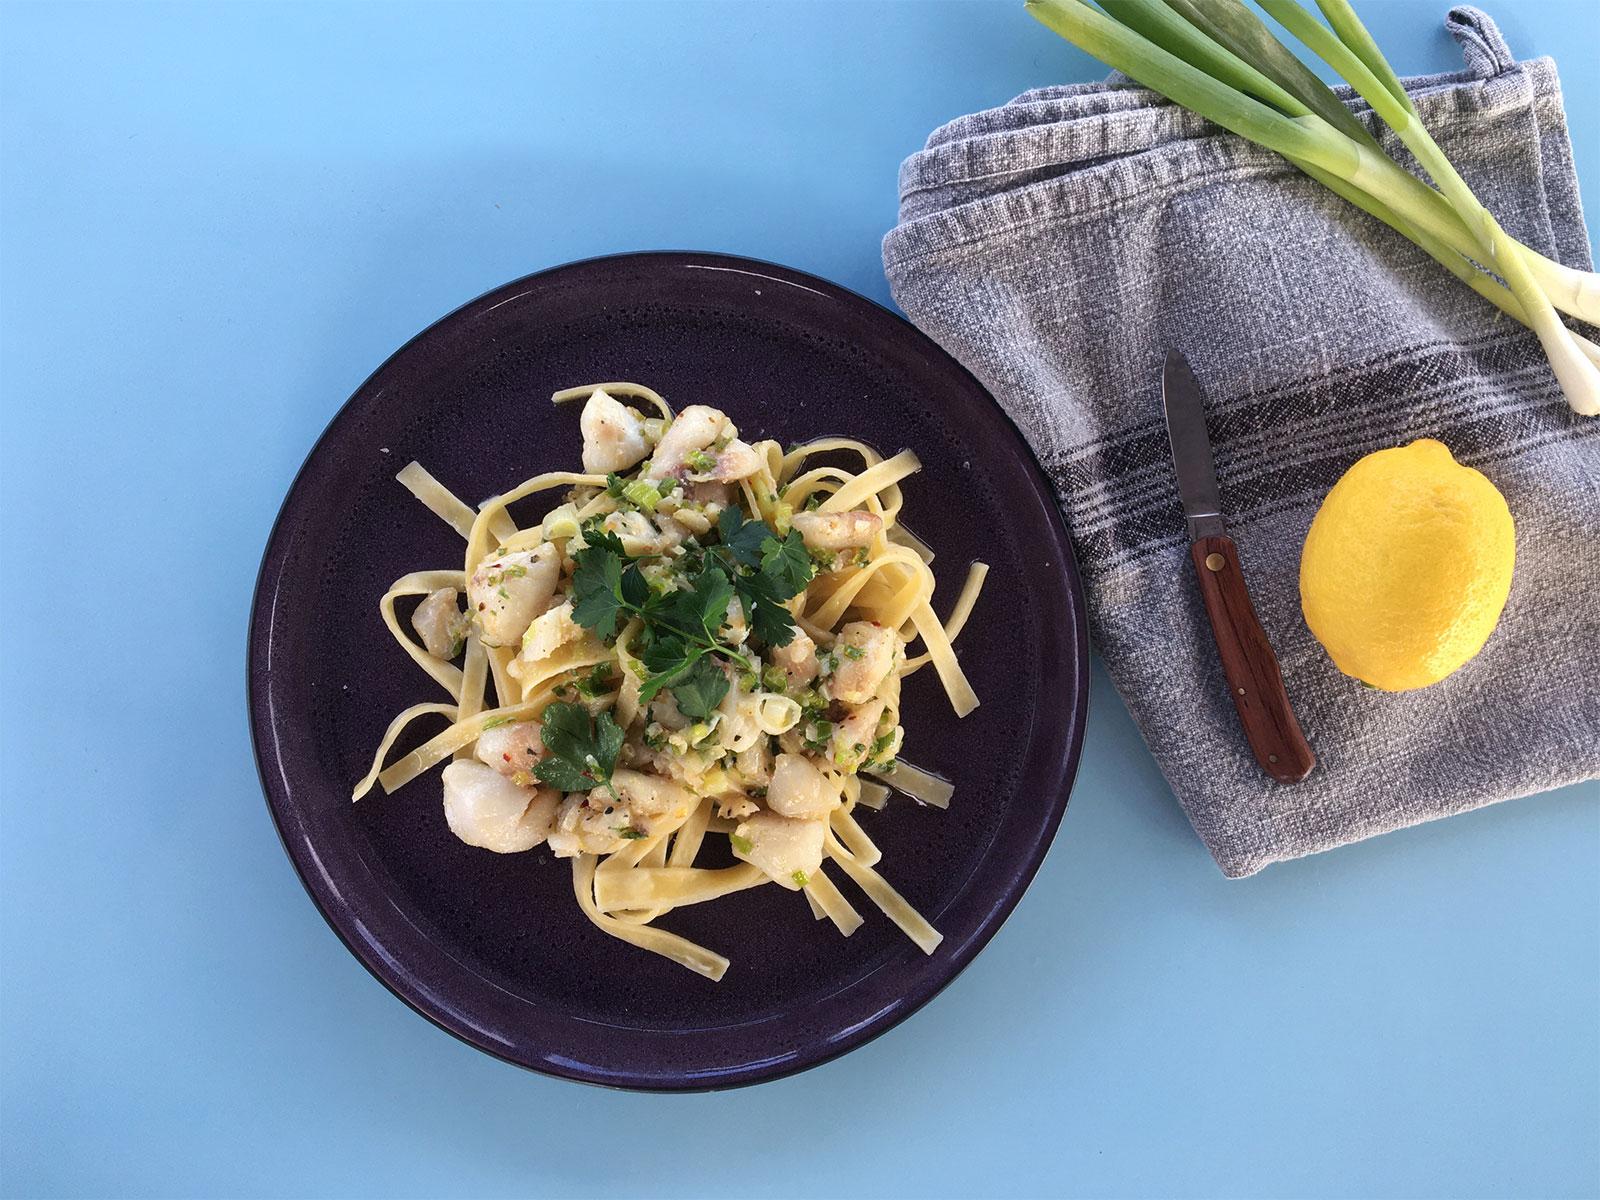 torskekæber frisk pasta fiske kæber